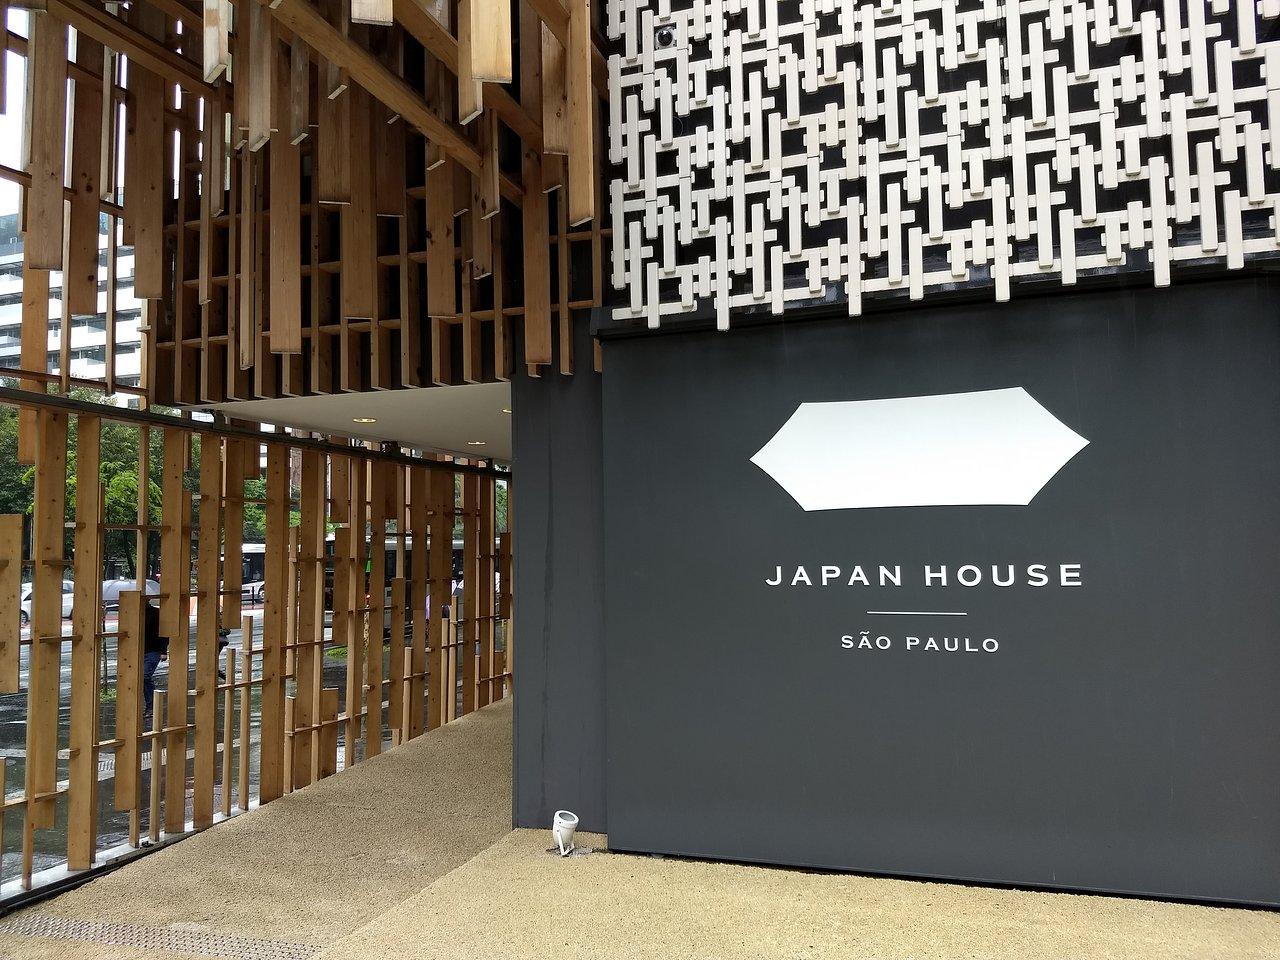 Japan House Sao Paulo Atualizado 2021 O Que Saber Antes De Ir Sobre O Que As Pessoas Estao Falando Tripadvisor